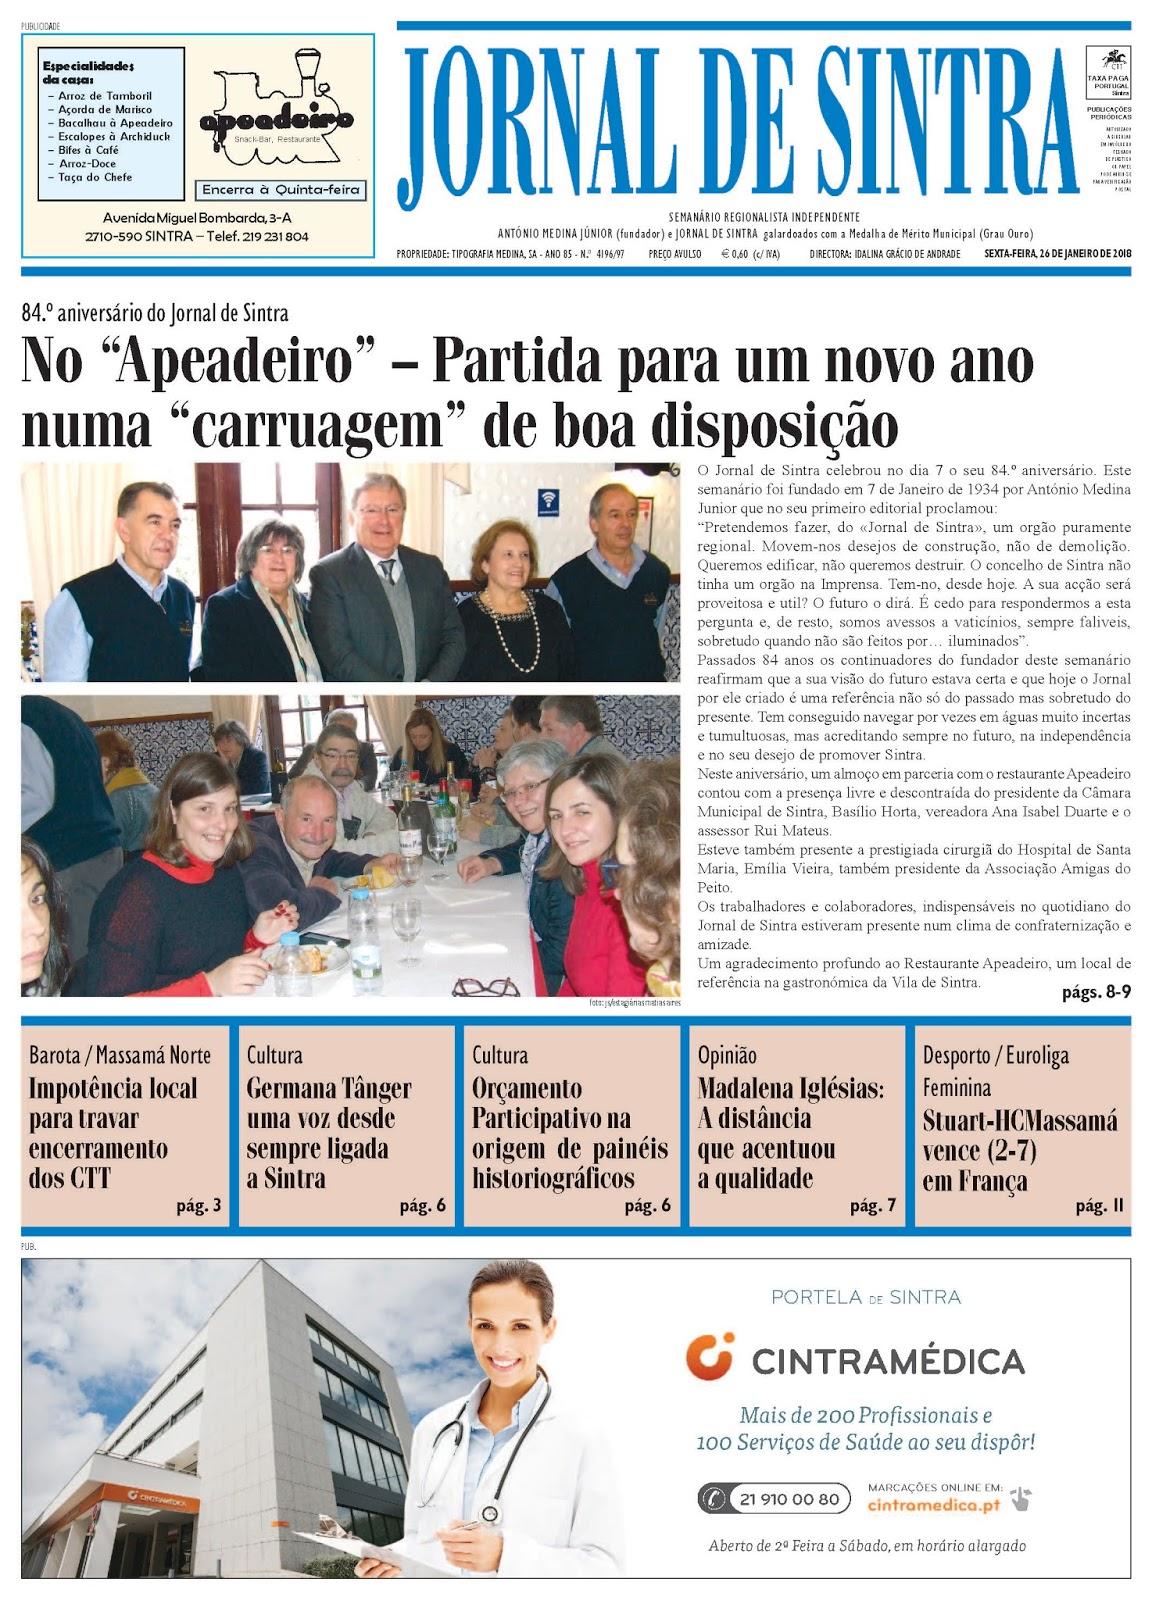 Capa da edição de 26-01-2018